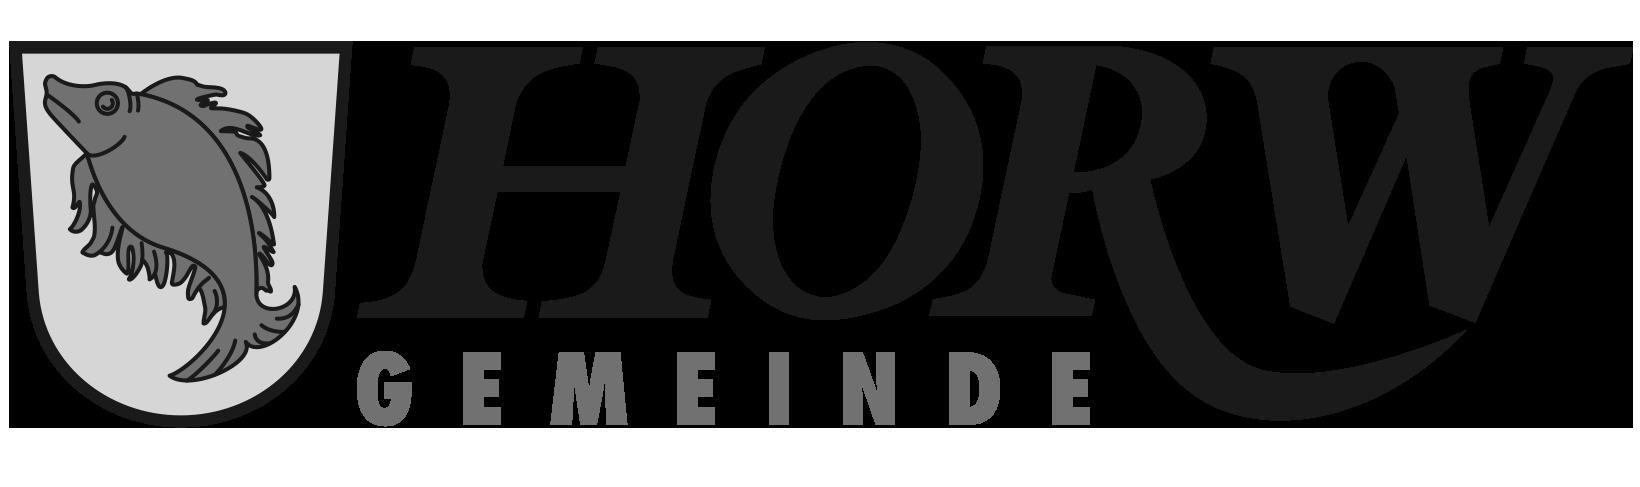 Gemeinde Horw